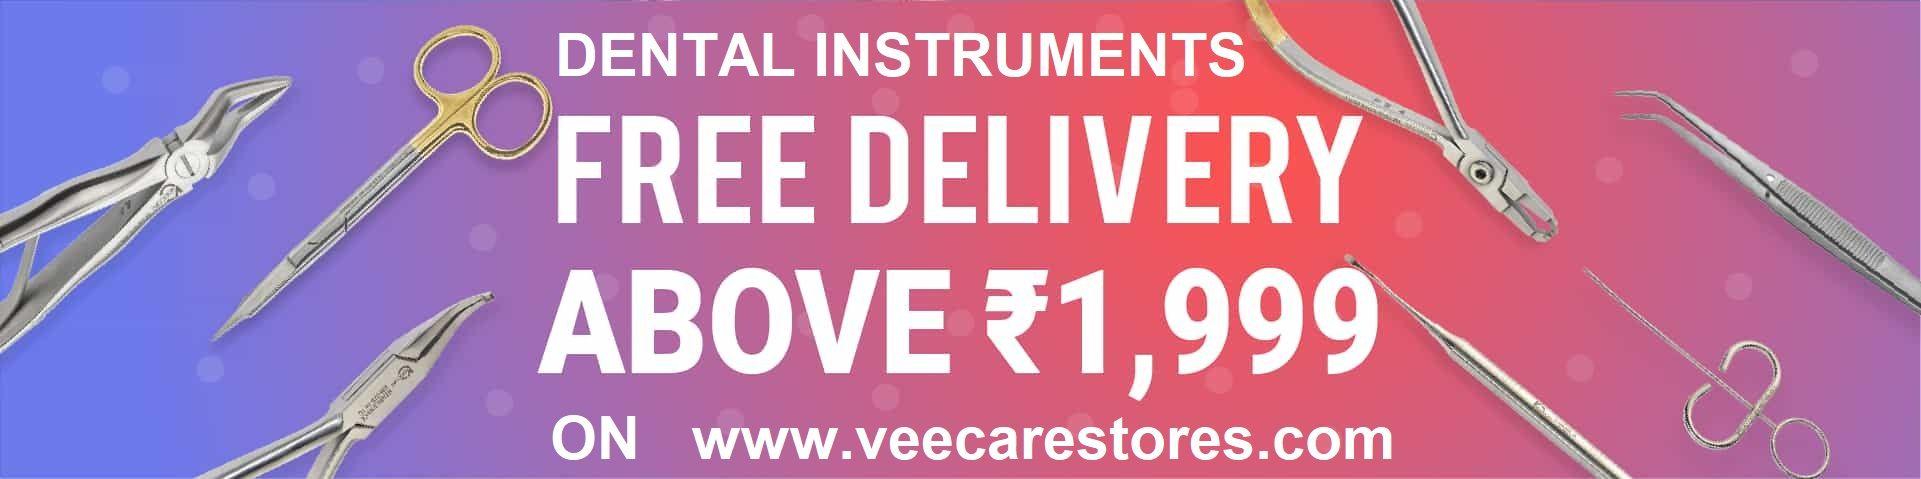 Dental Instruments Online - Dental Products Online - Best Dental Store